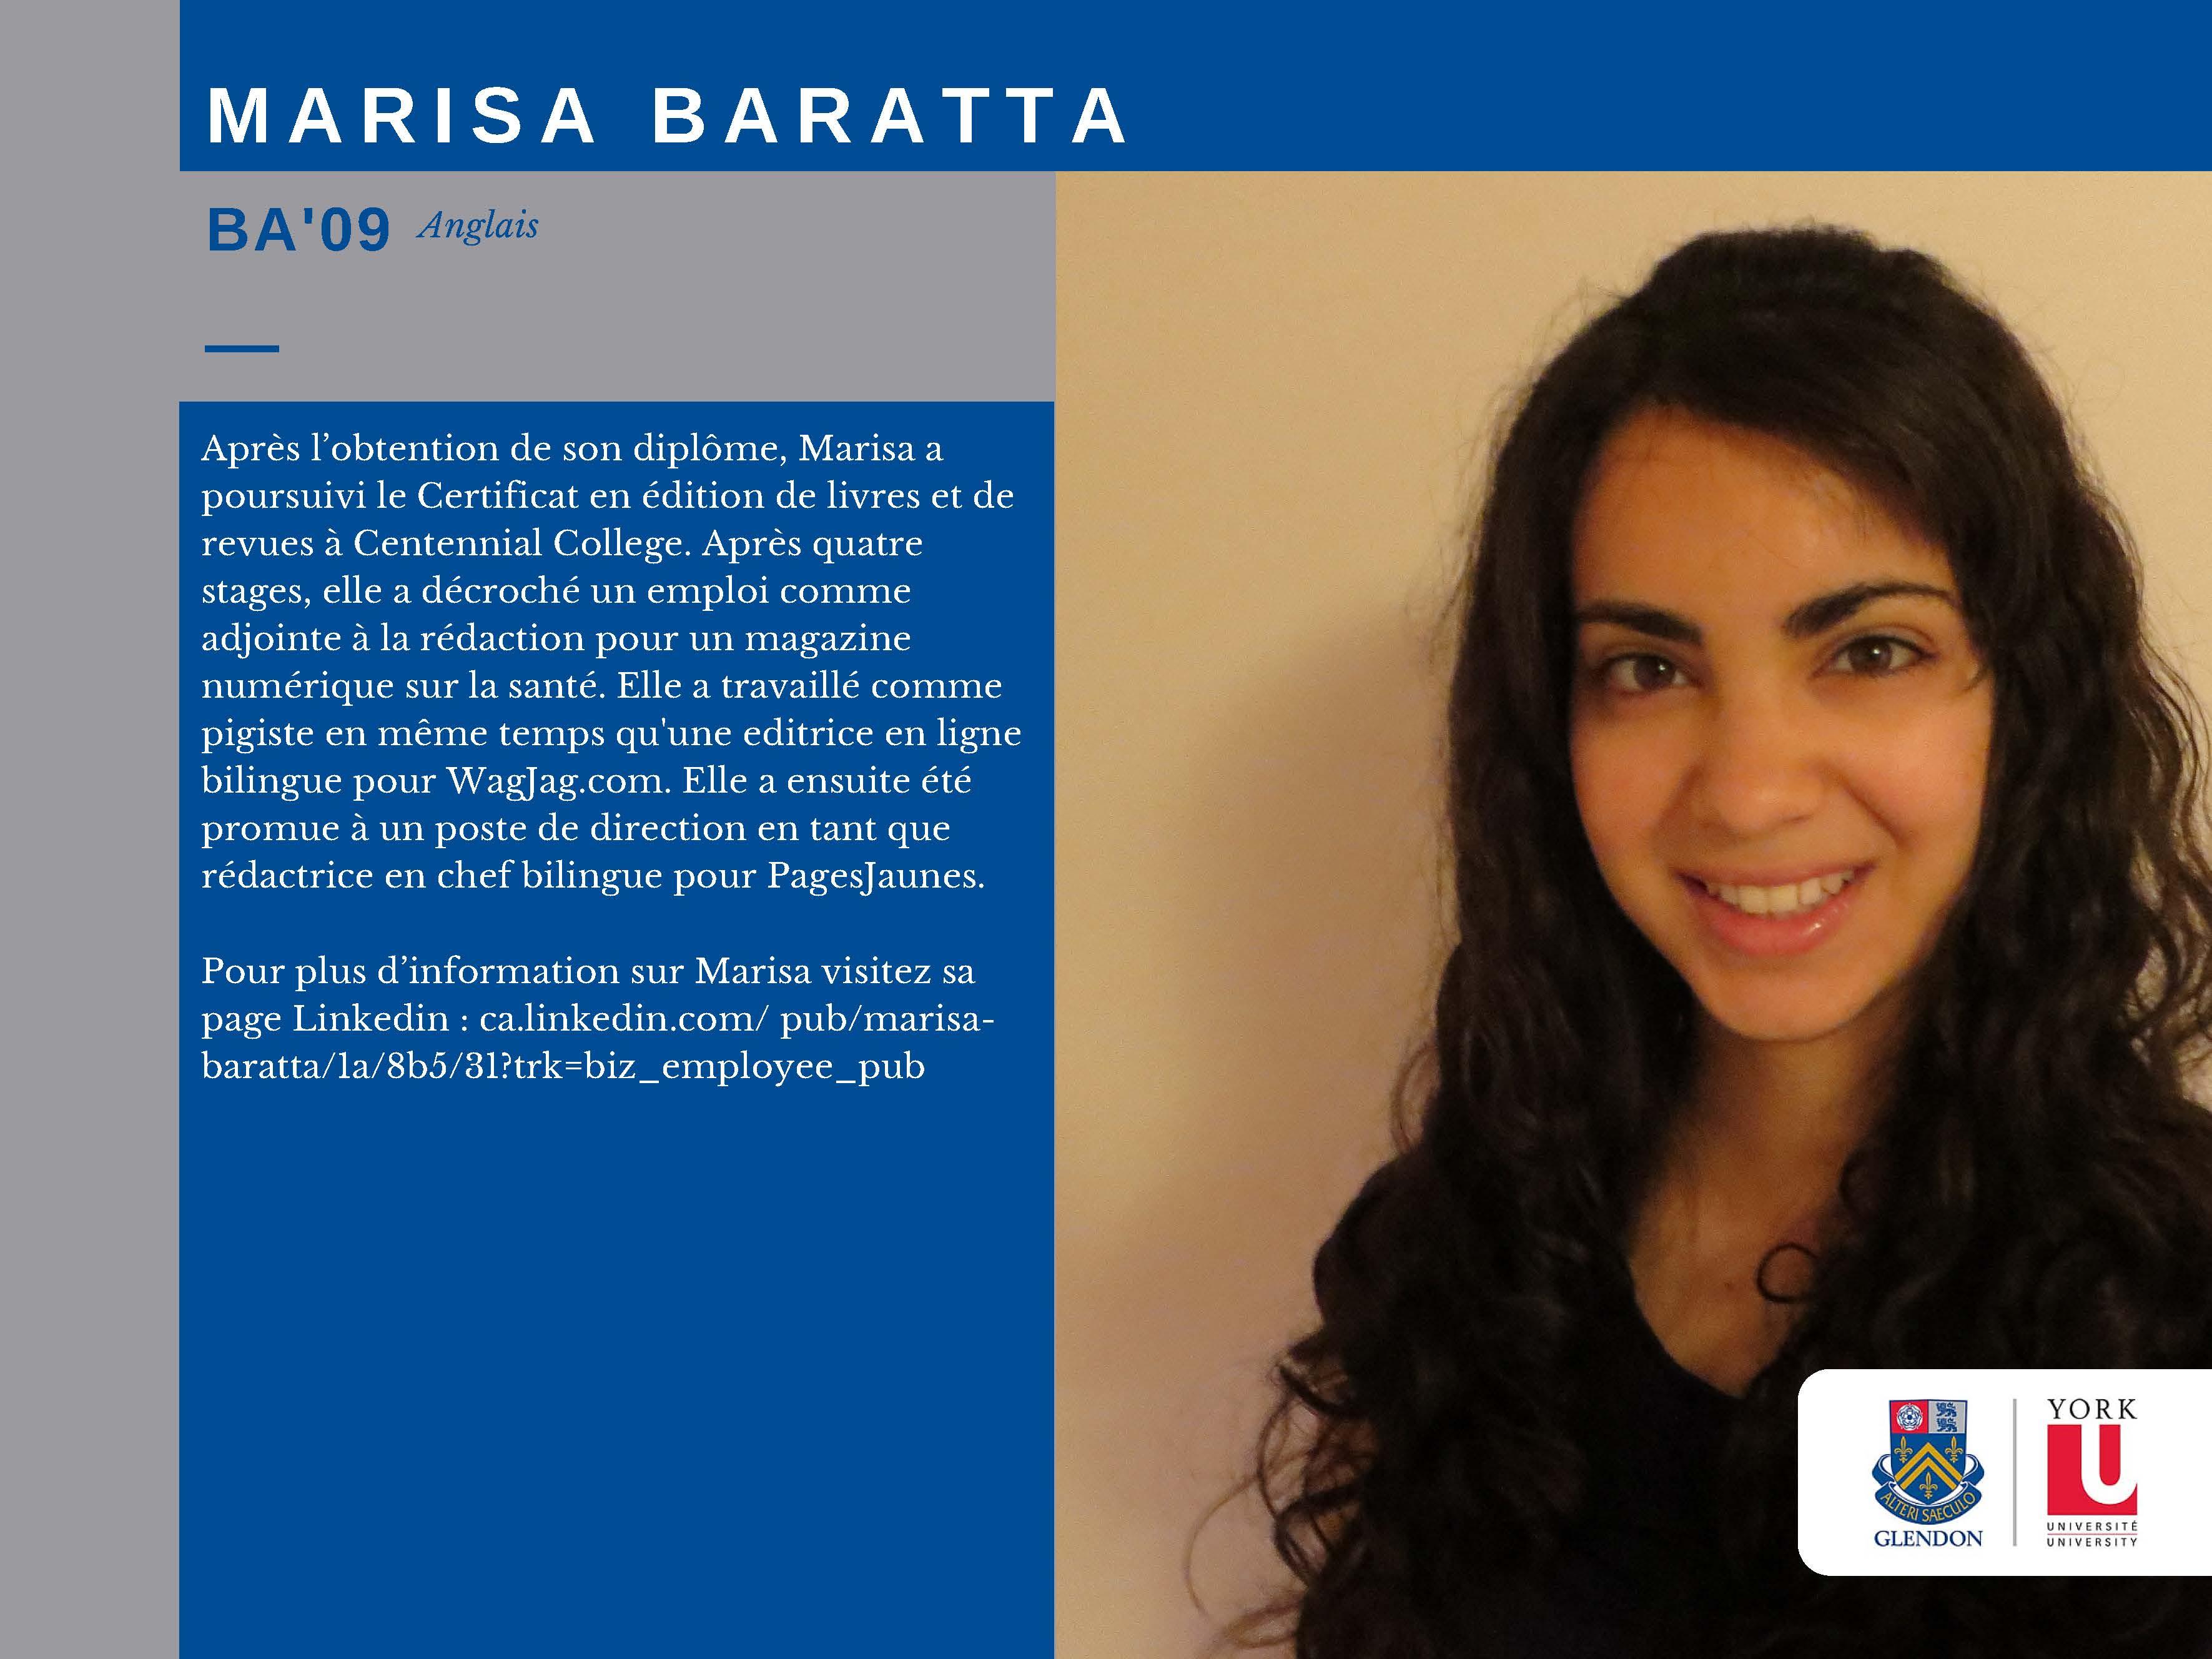 Marisa Baratta FR